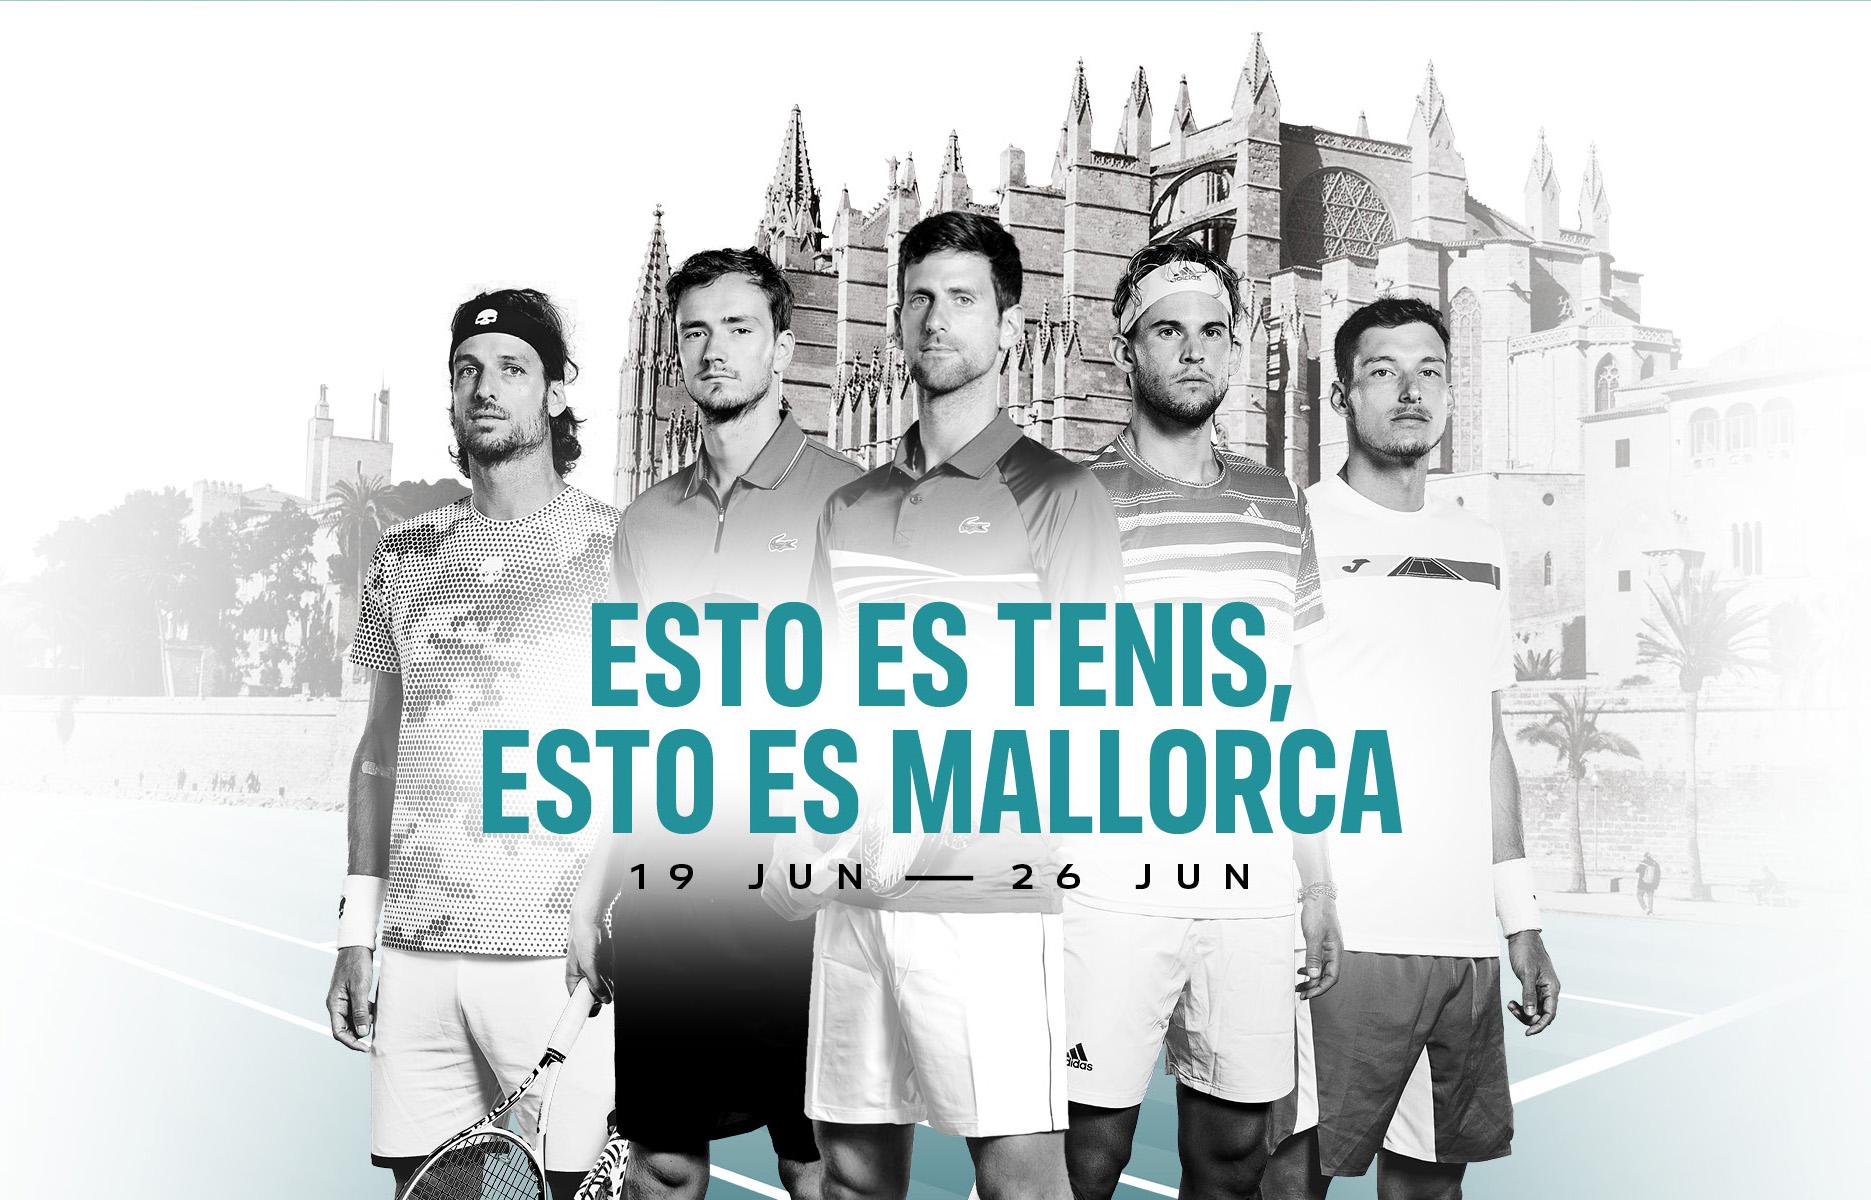 Todo a punto para la celebración del Mallorca Championships